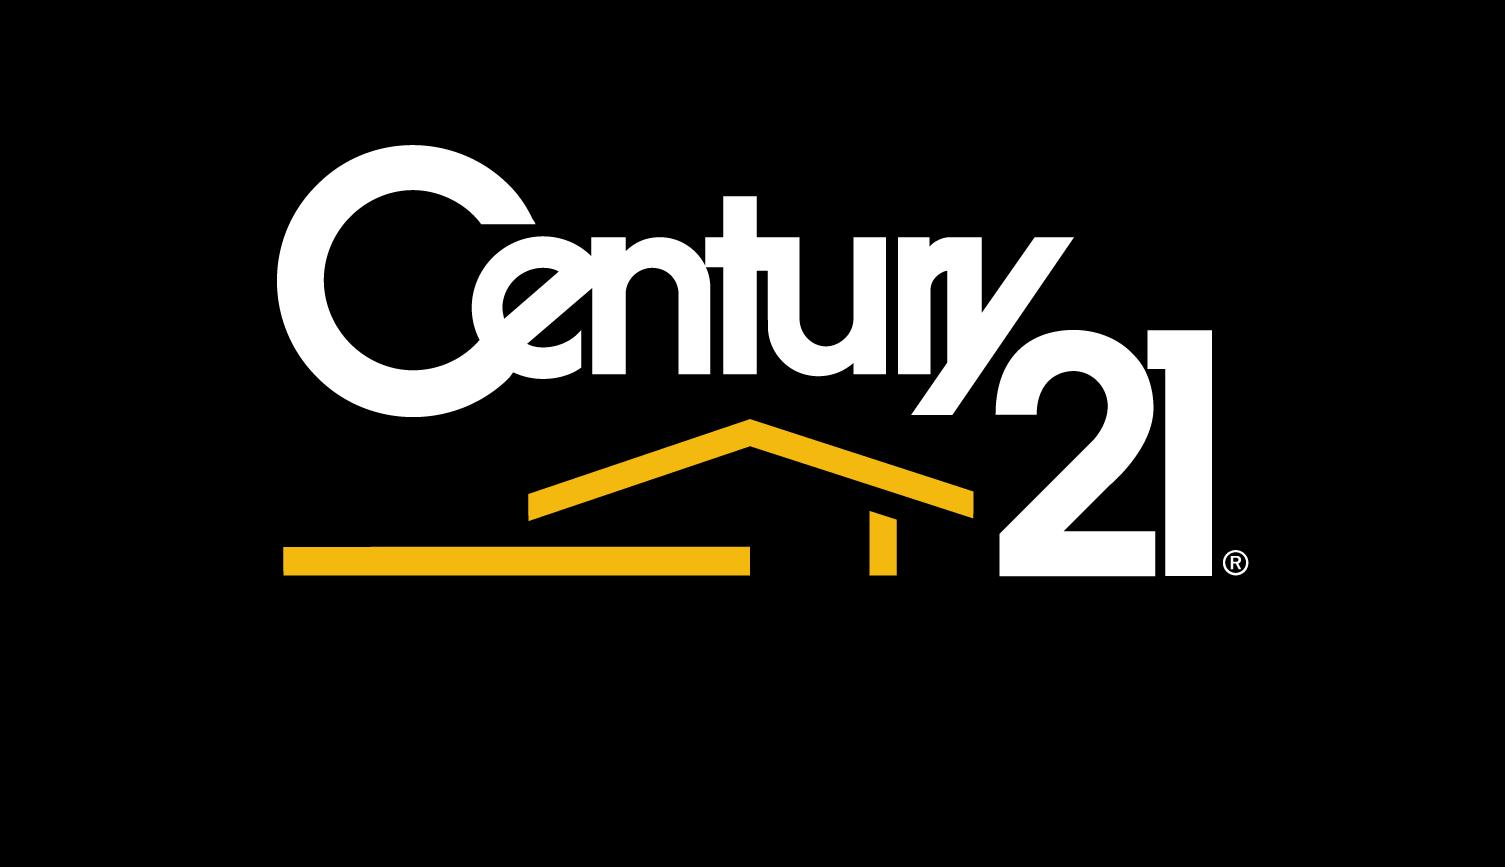 century21, Calamvale, 4116